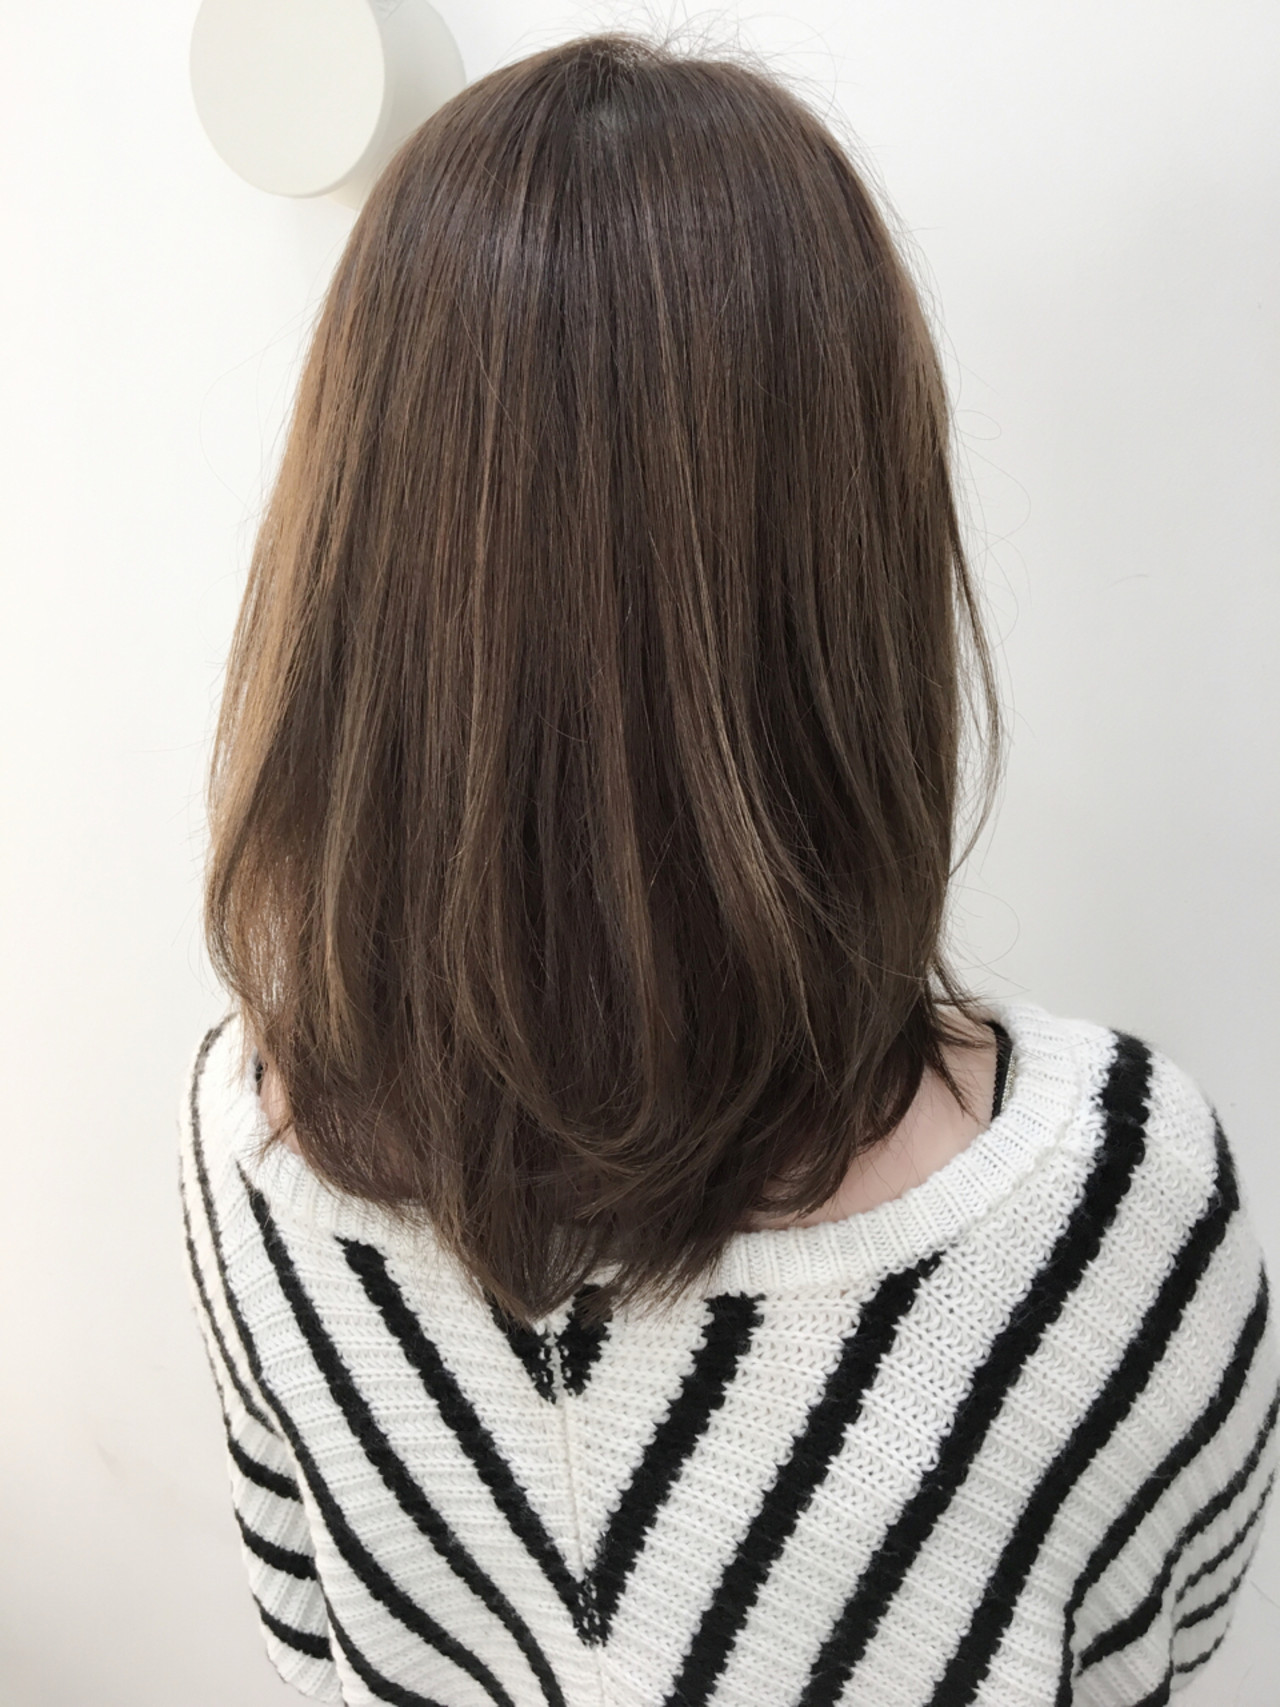 ミディアム アッシュ 大人かわいい ストリートヘアスタイルや髪型の写真・画像